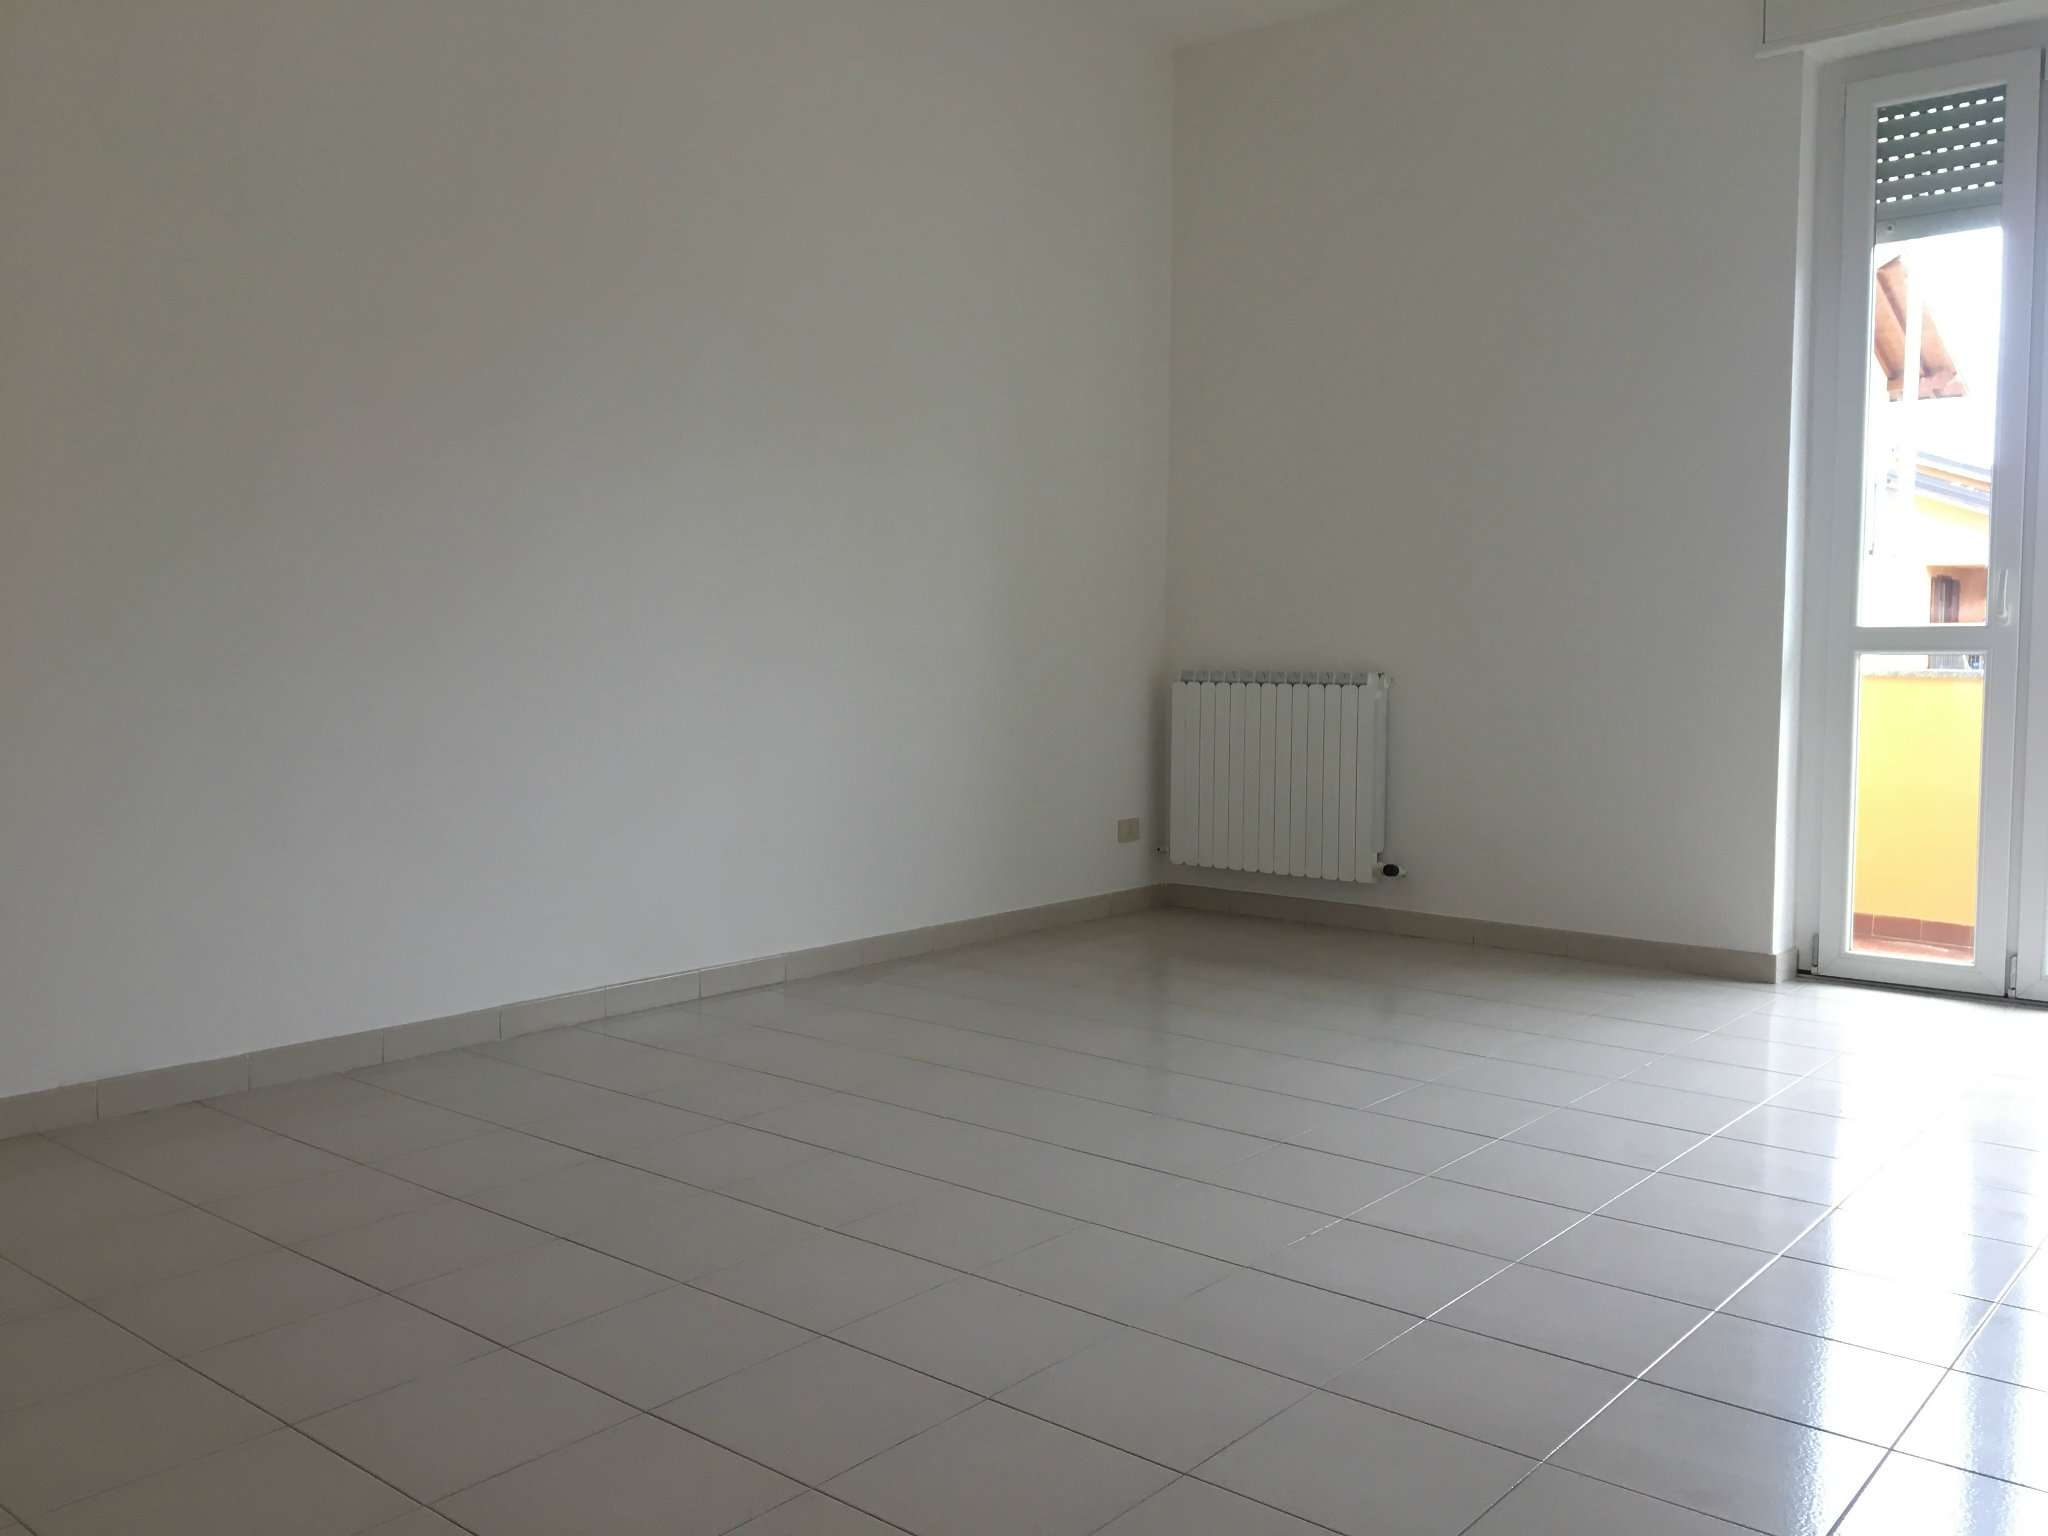 Appartamento in vendita a Gorla Maggiore, 3 locali, prezzo € 160.000 | CambioCasa.it